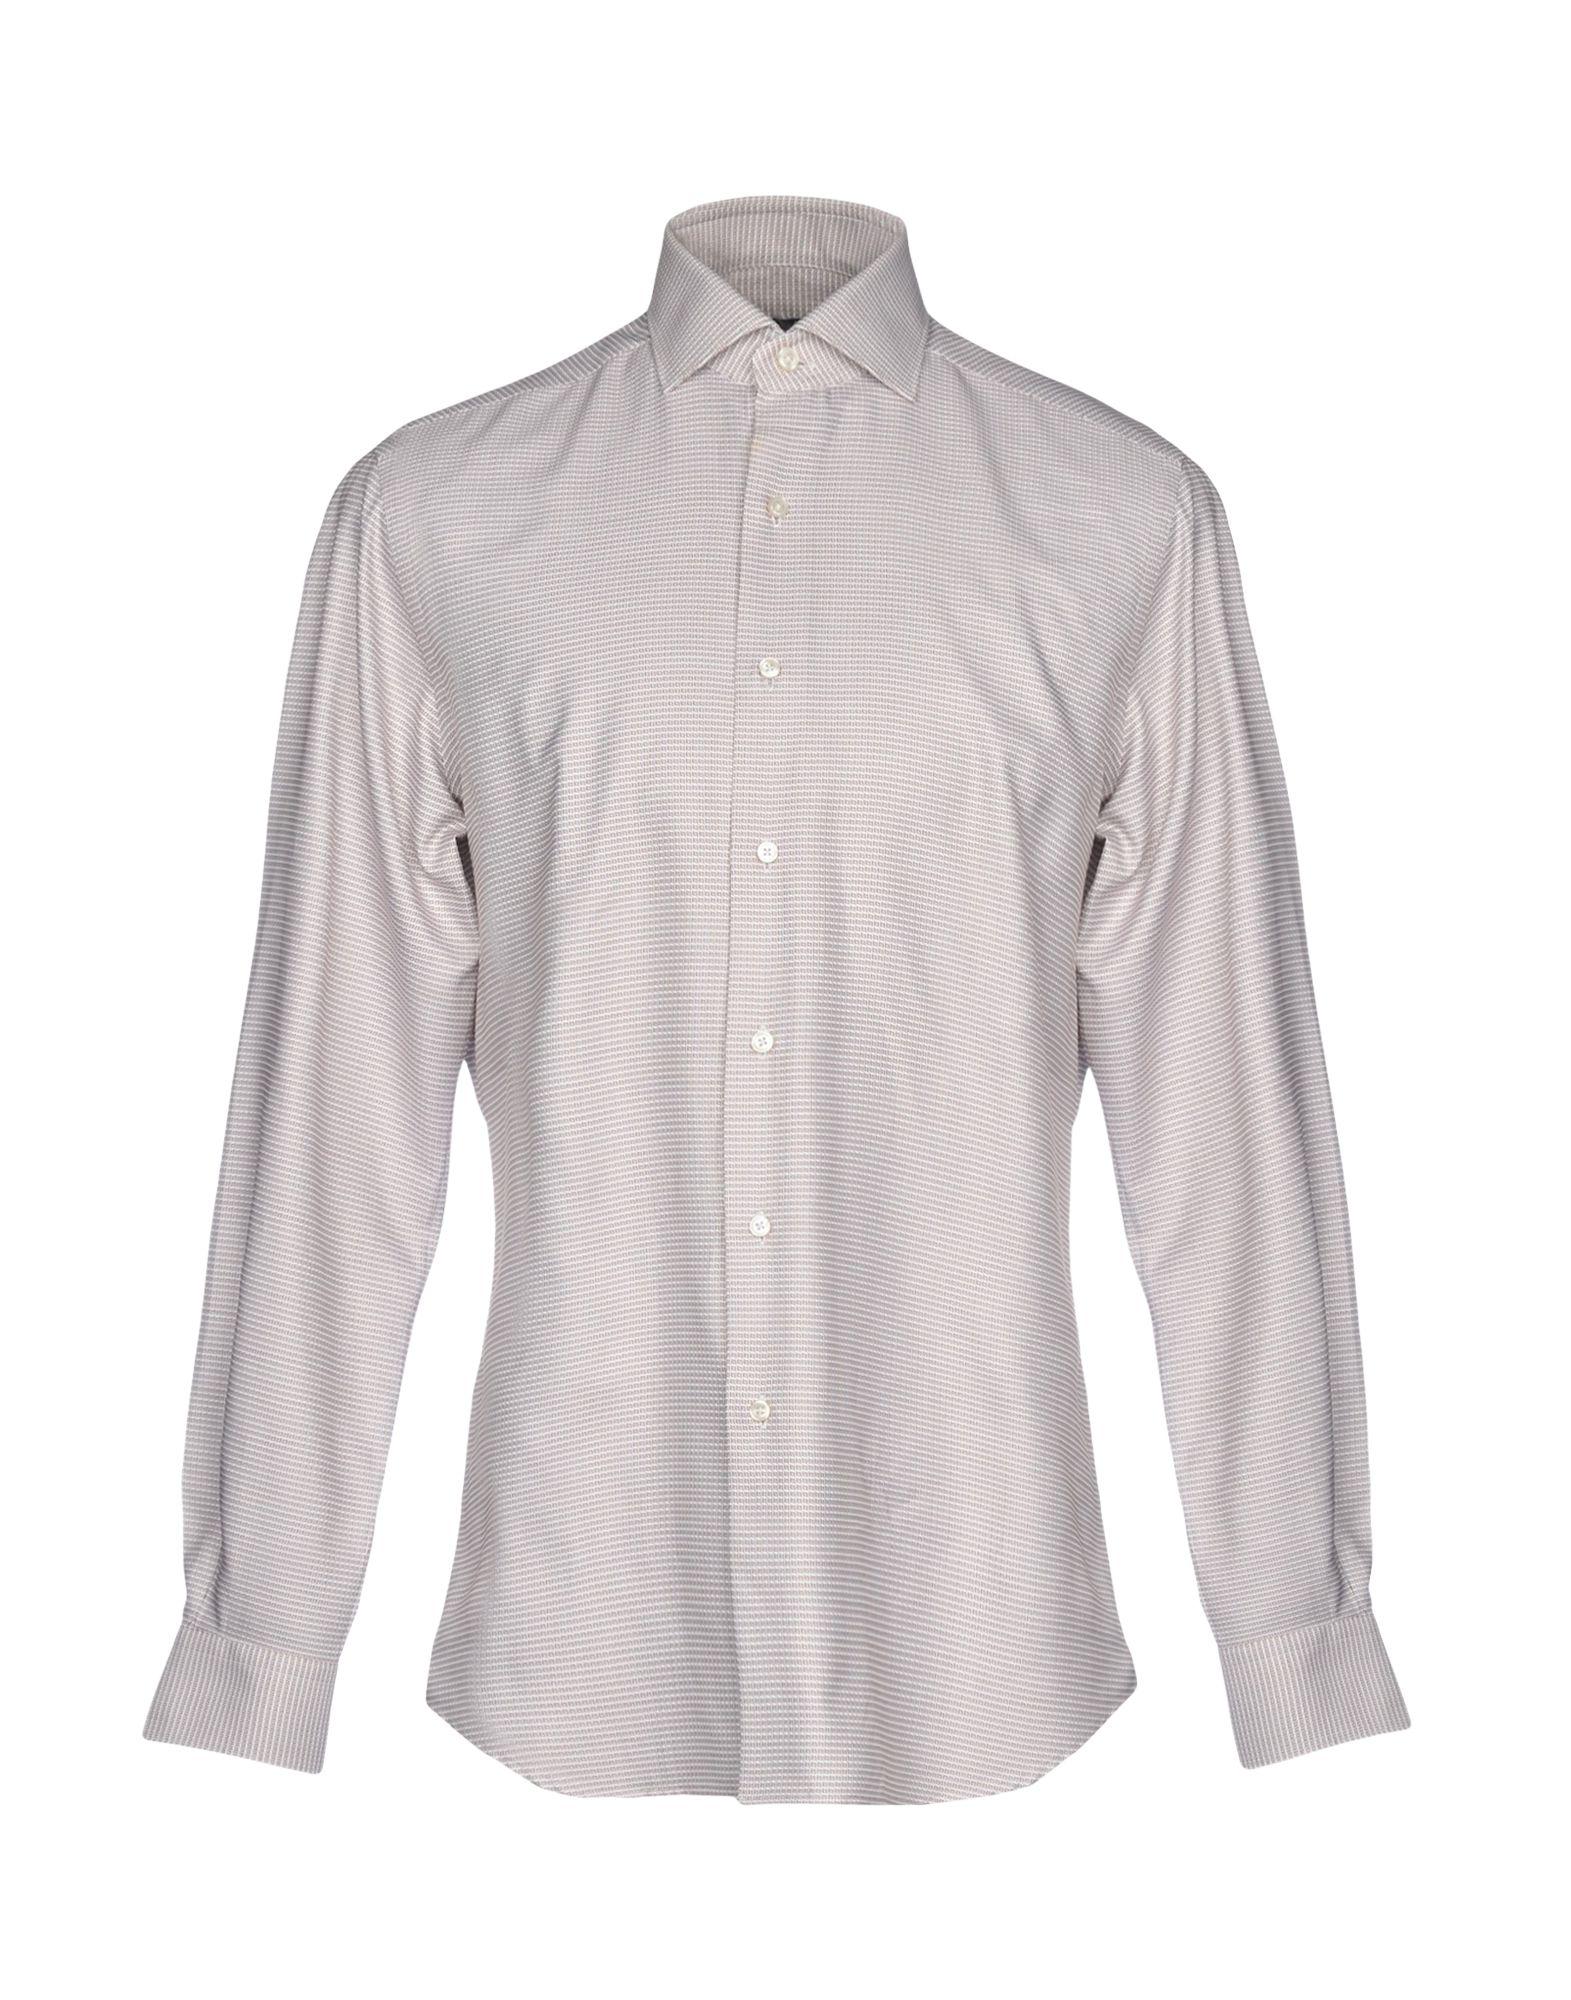 《送料無料》XACUS メンズ シャツ アイボリー 40 コットン 100%